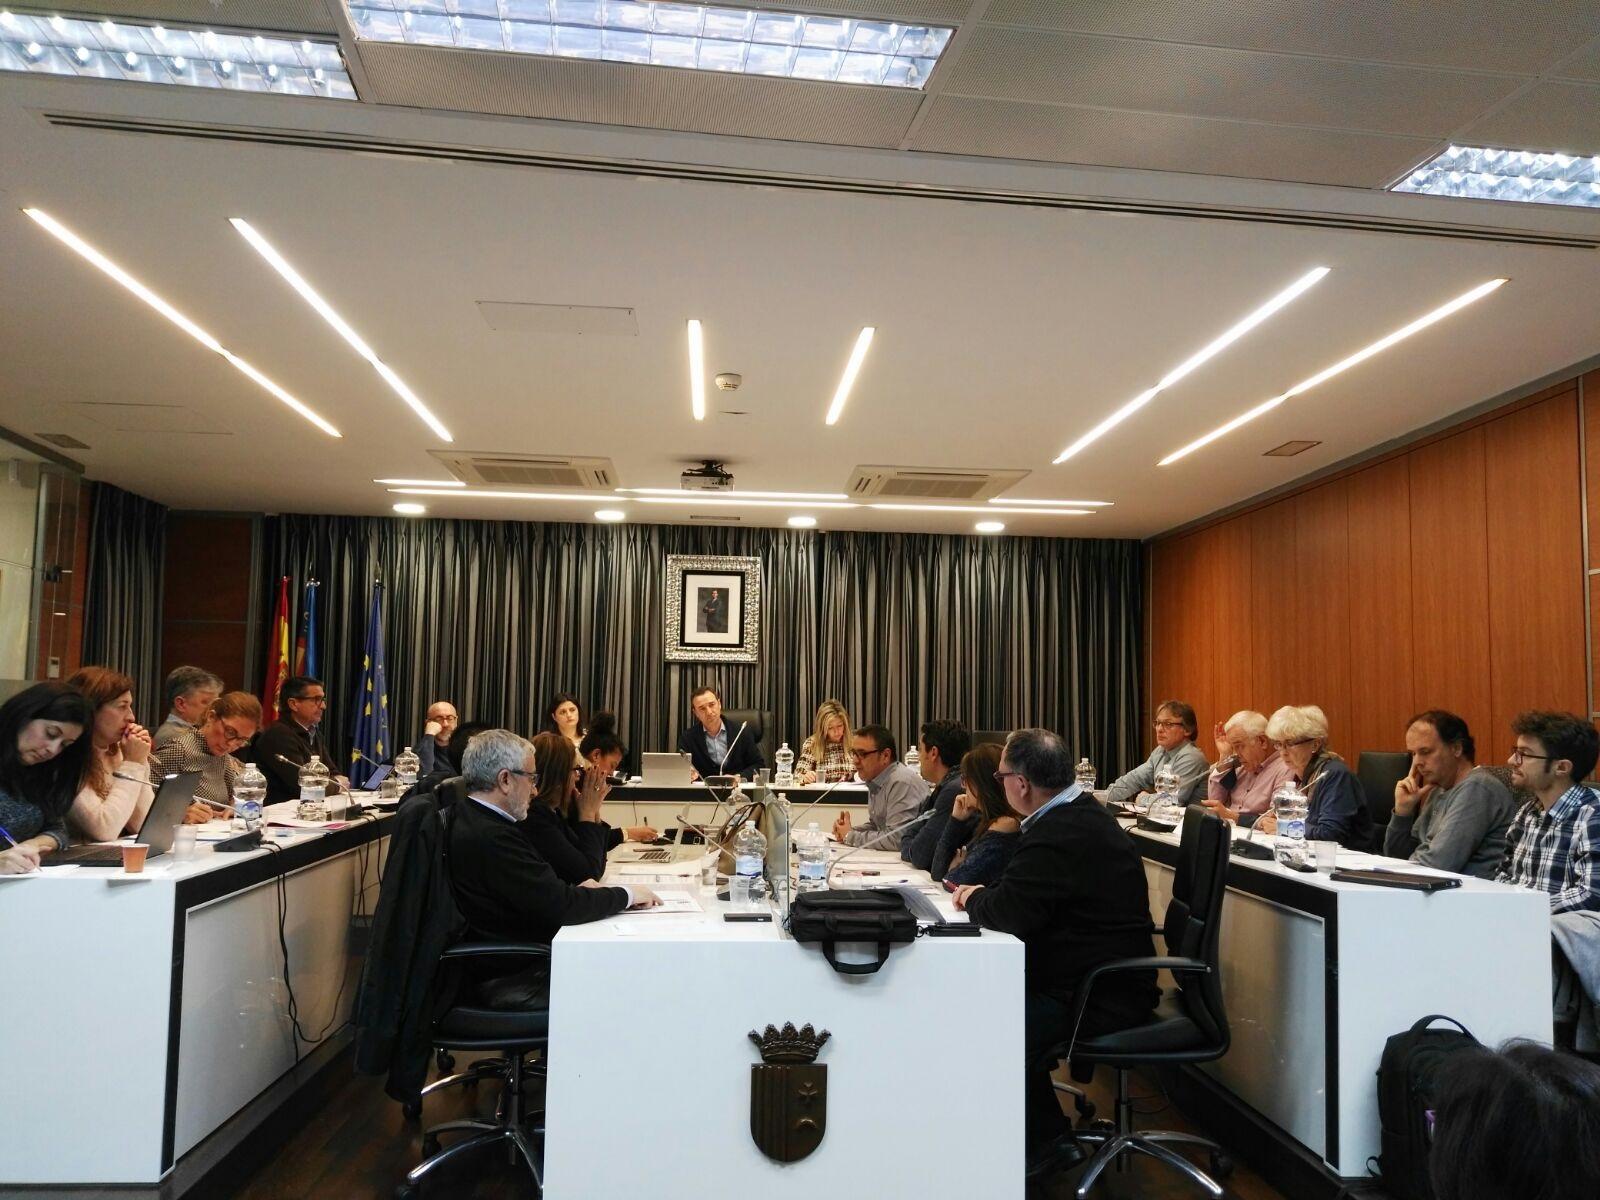 El Ayuntamiento de Riba-roja reunió a la comisión de investigación que analiza y estudia las presuntas escuchas ilegales de la formación de Riba-roja Pot a los concejales de Ciudadanos.